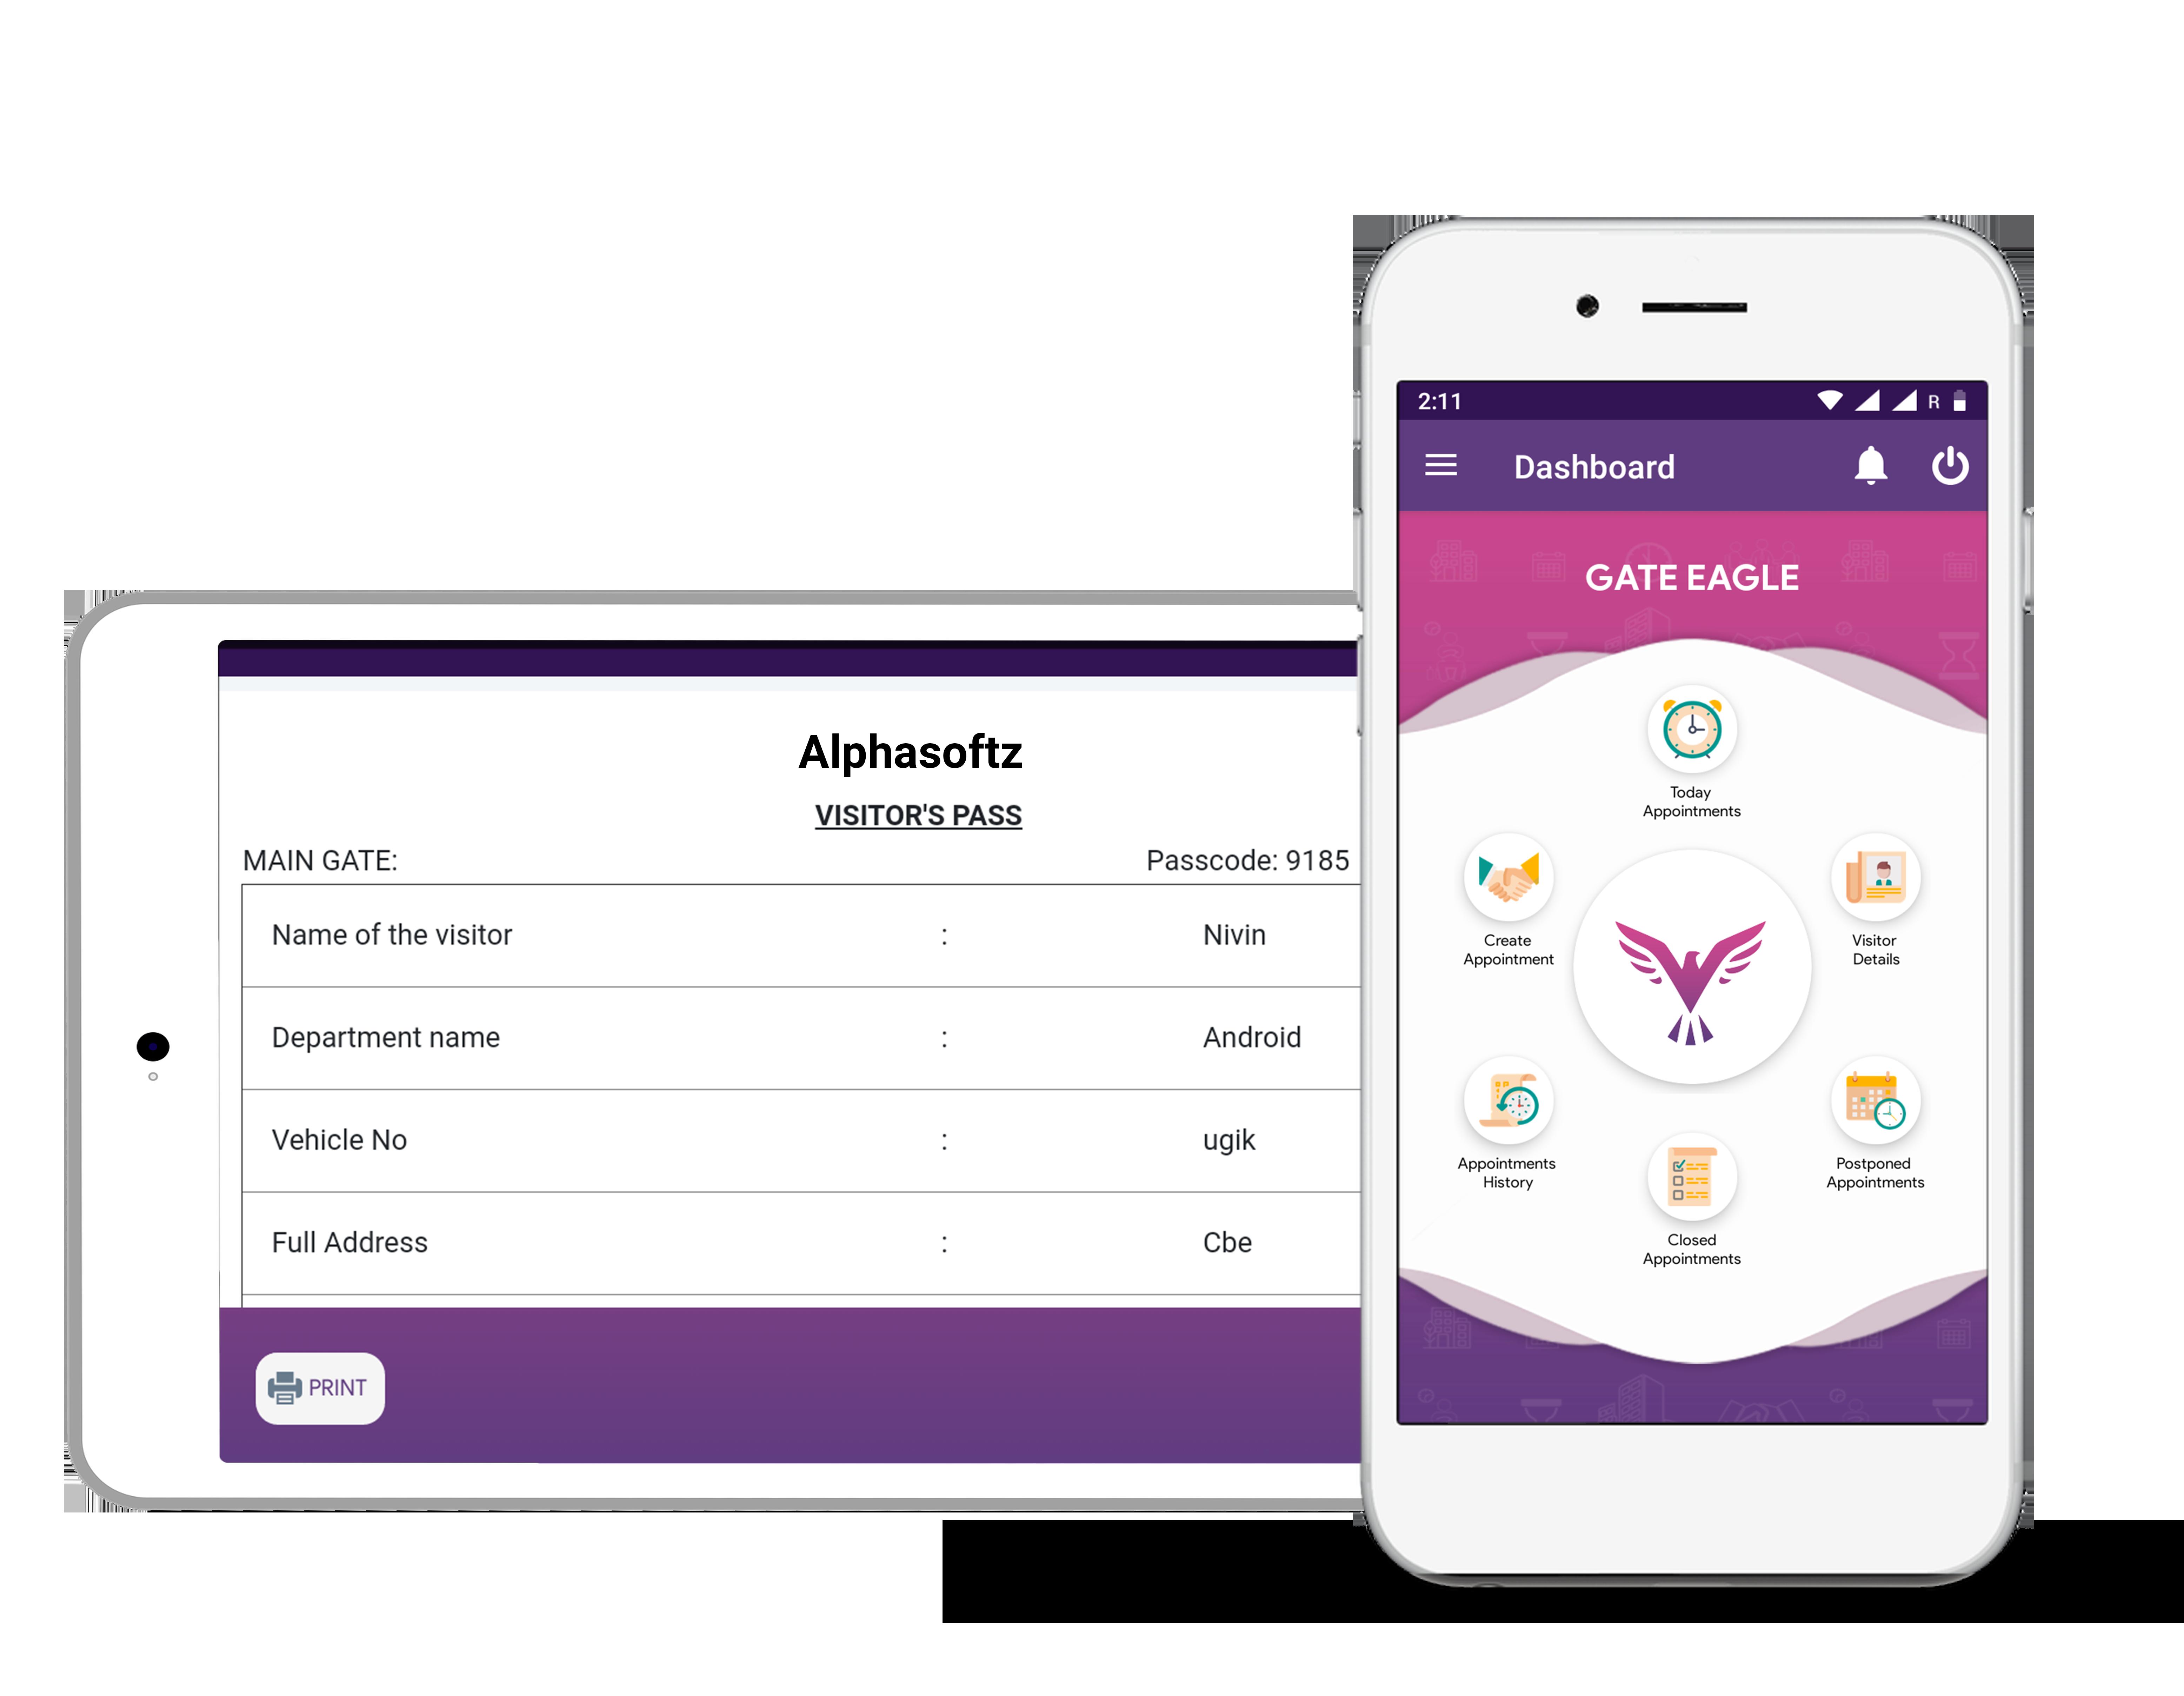 Gate eagle - Visitor management system app